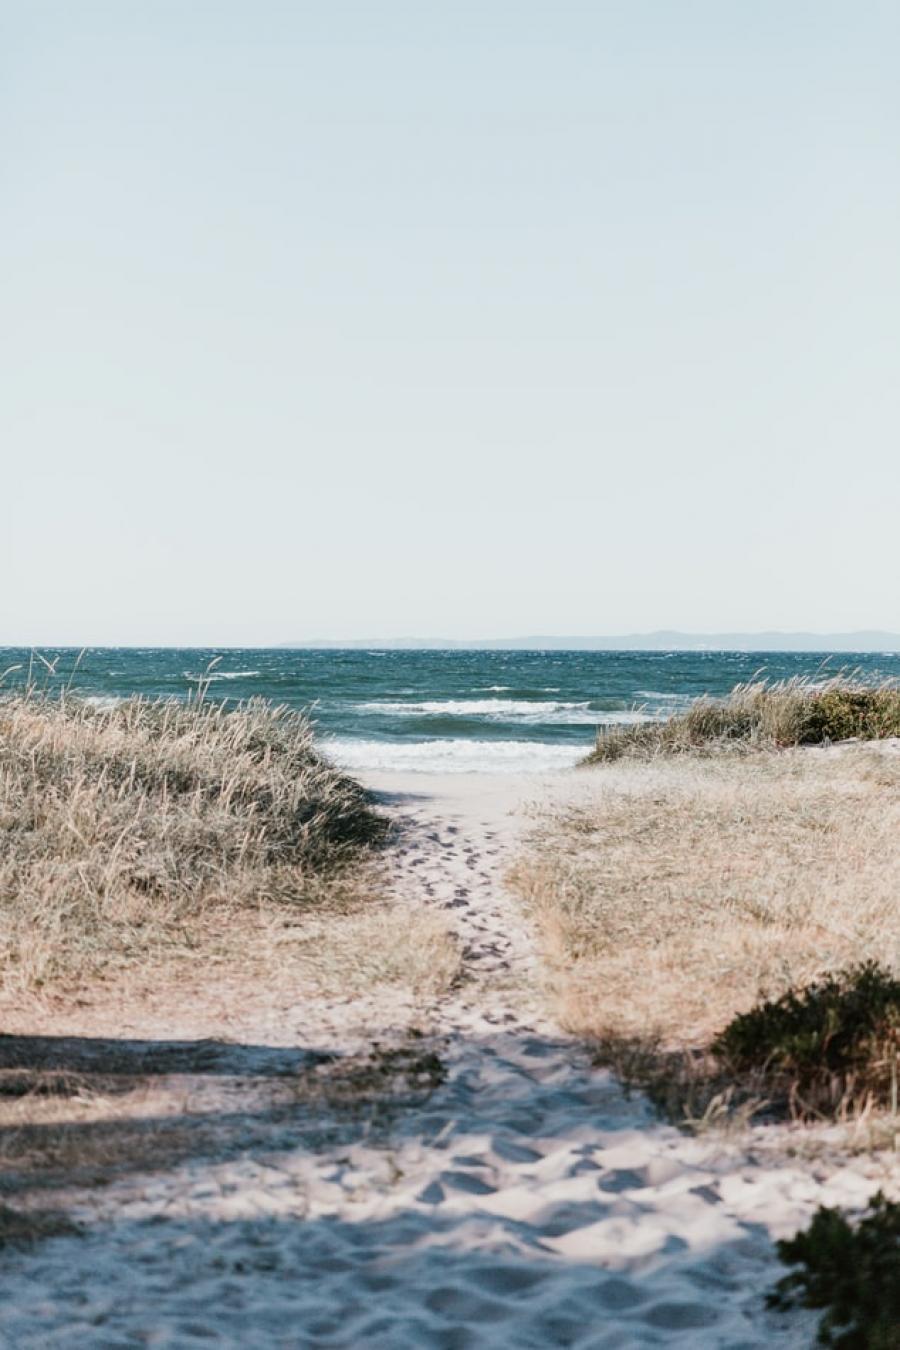 En strand et sted i Danmark.